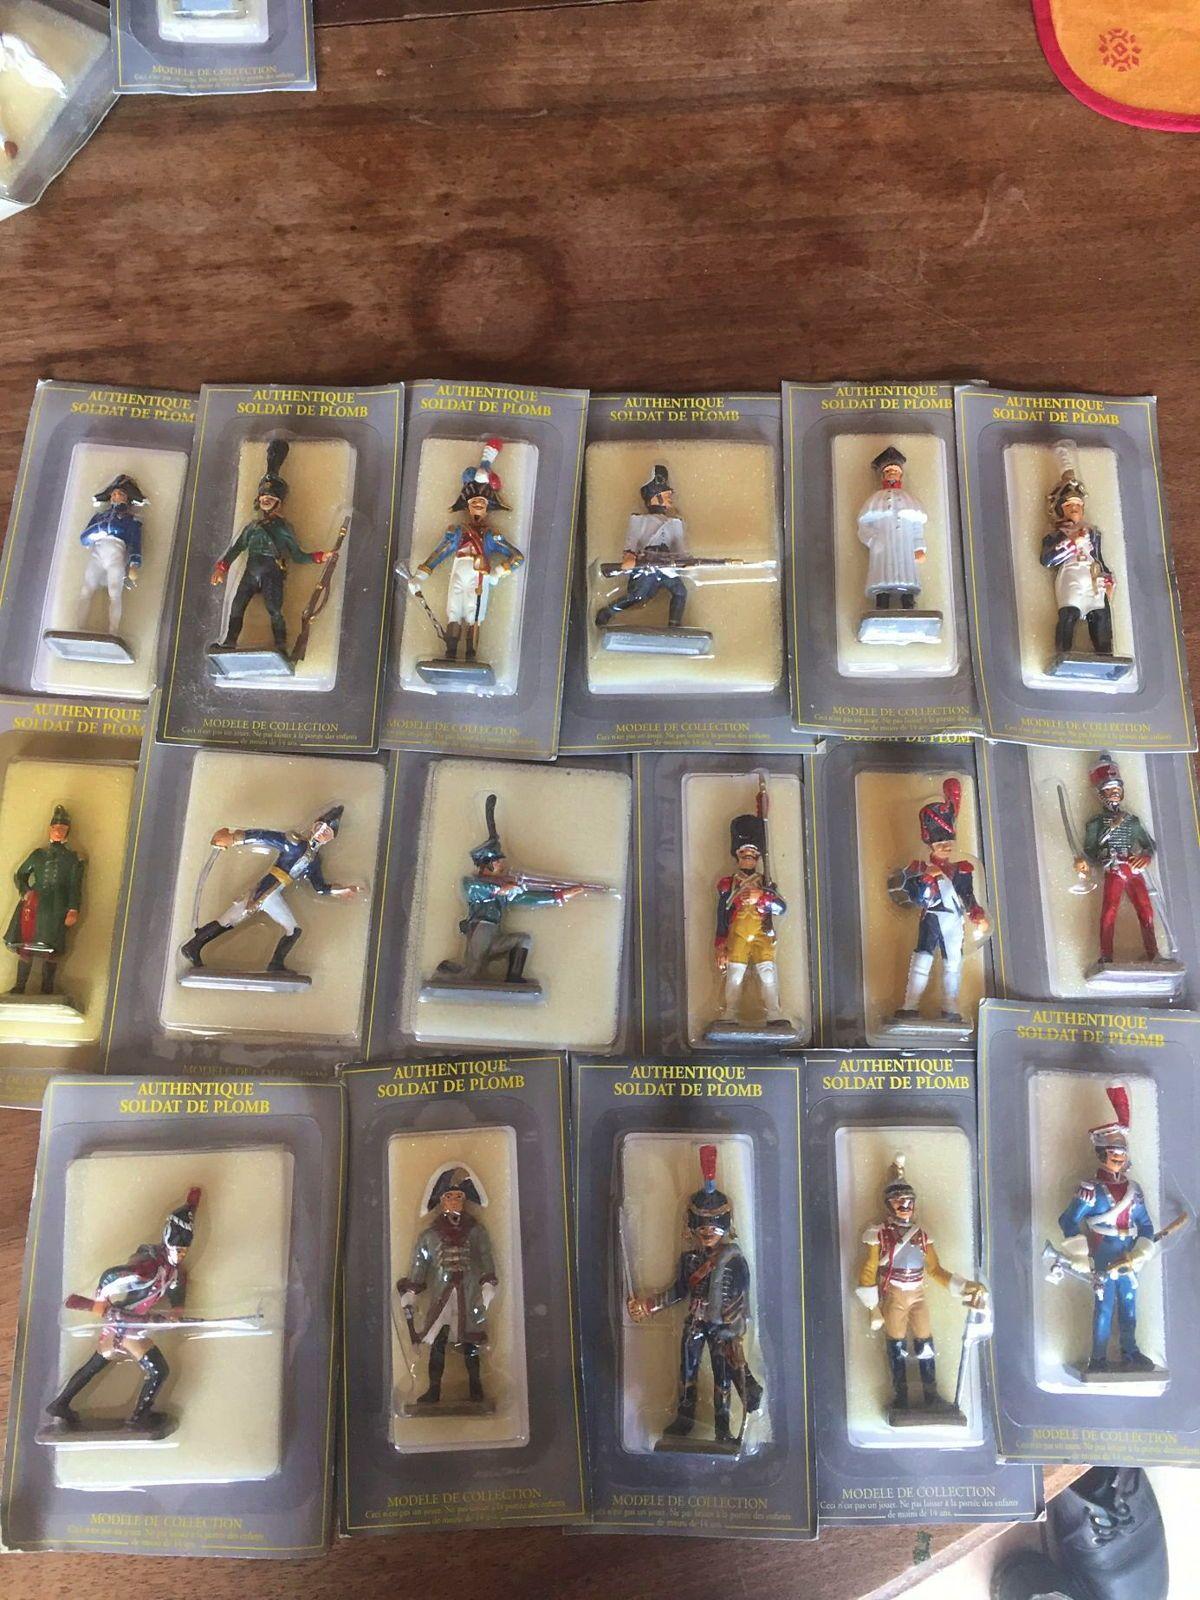 Collection de soldates de plomb armée Napoléonienne